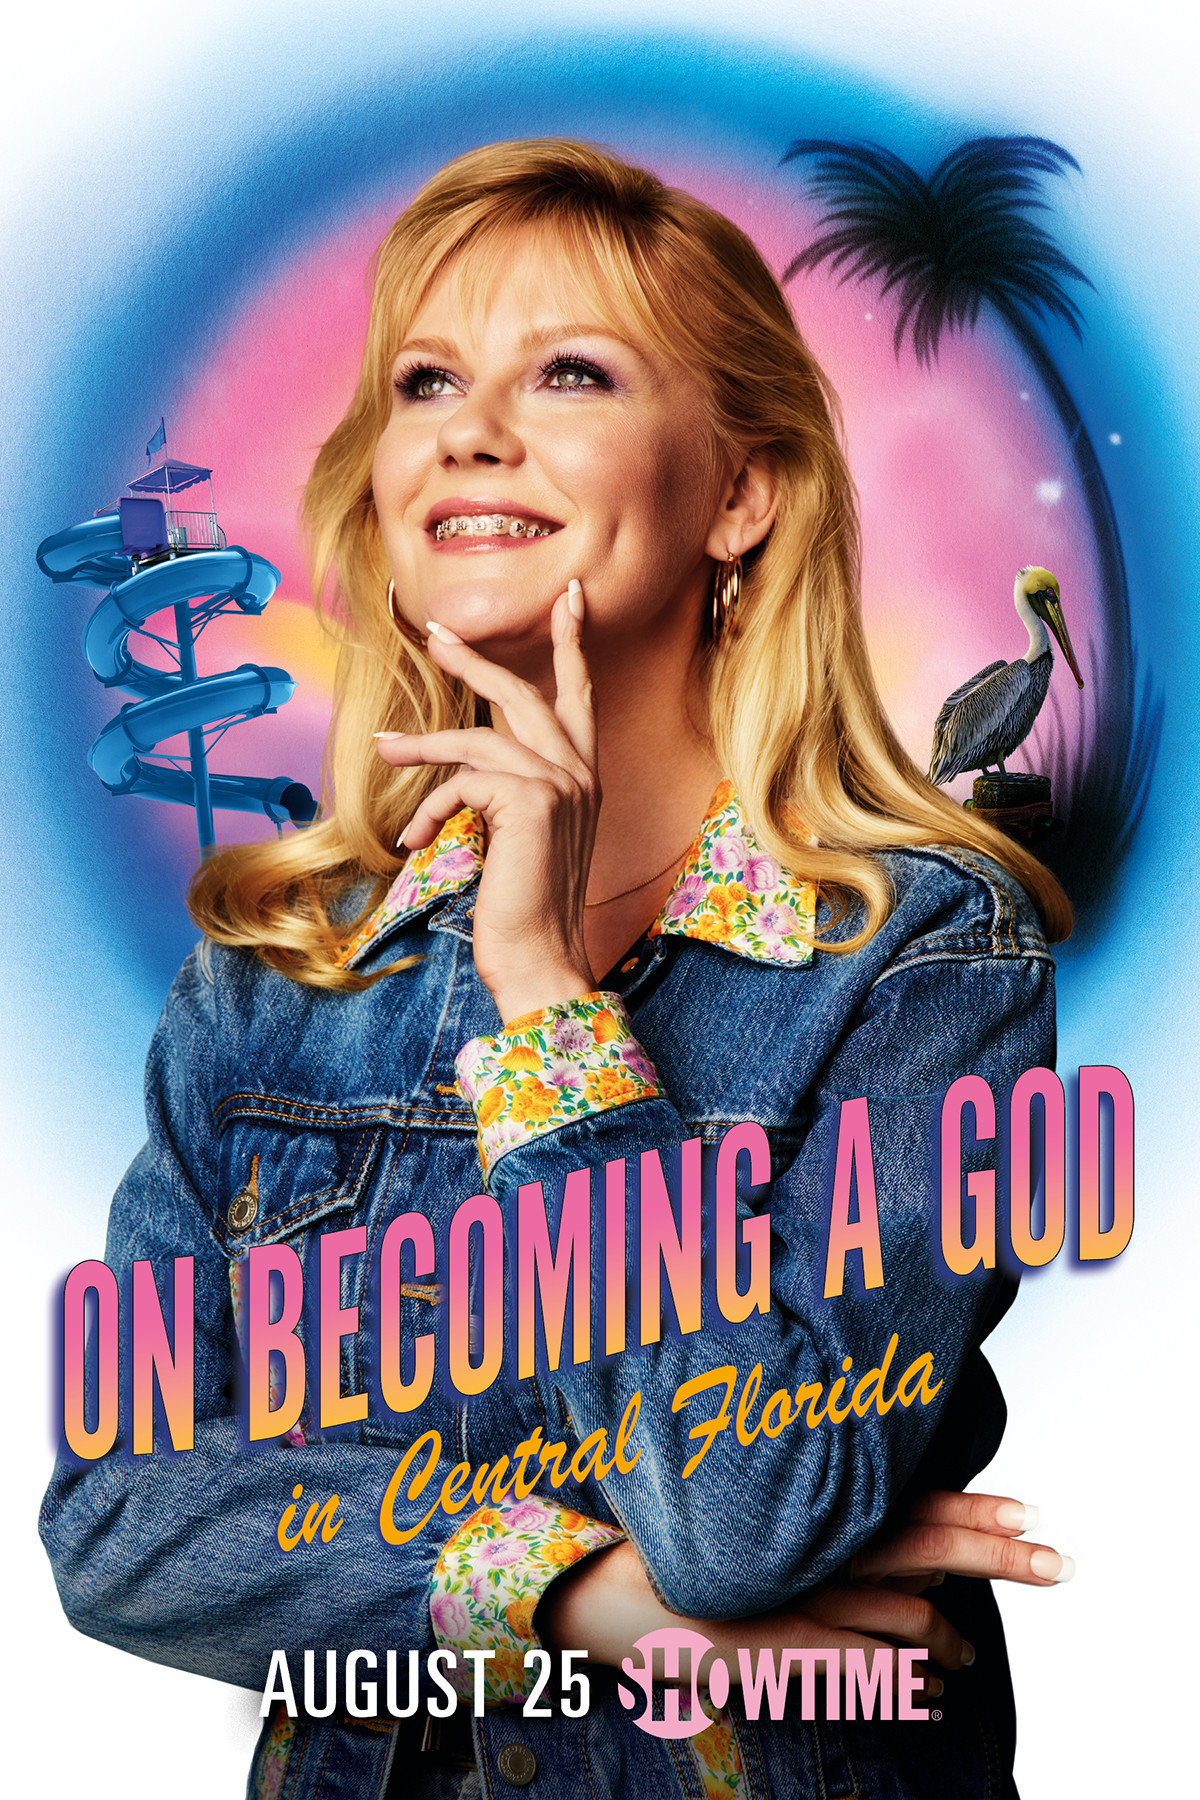 Становясь богом в Центральной Флориде, постер № 1